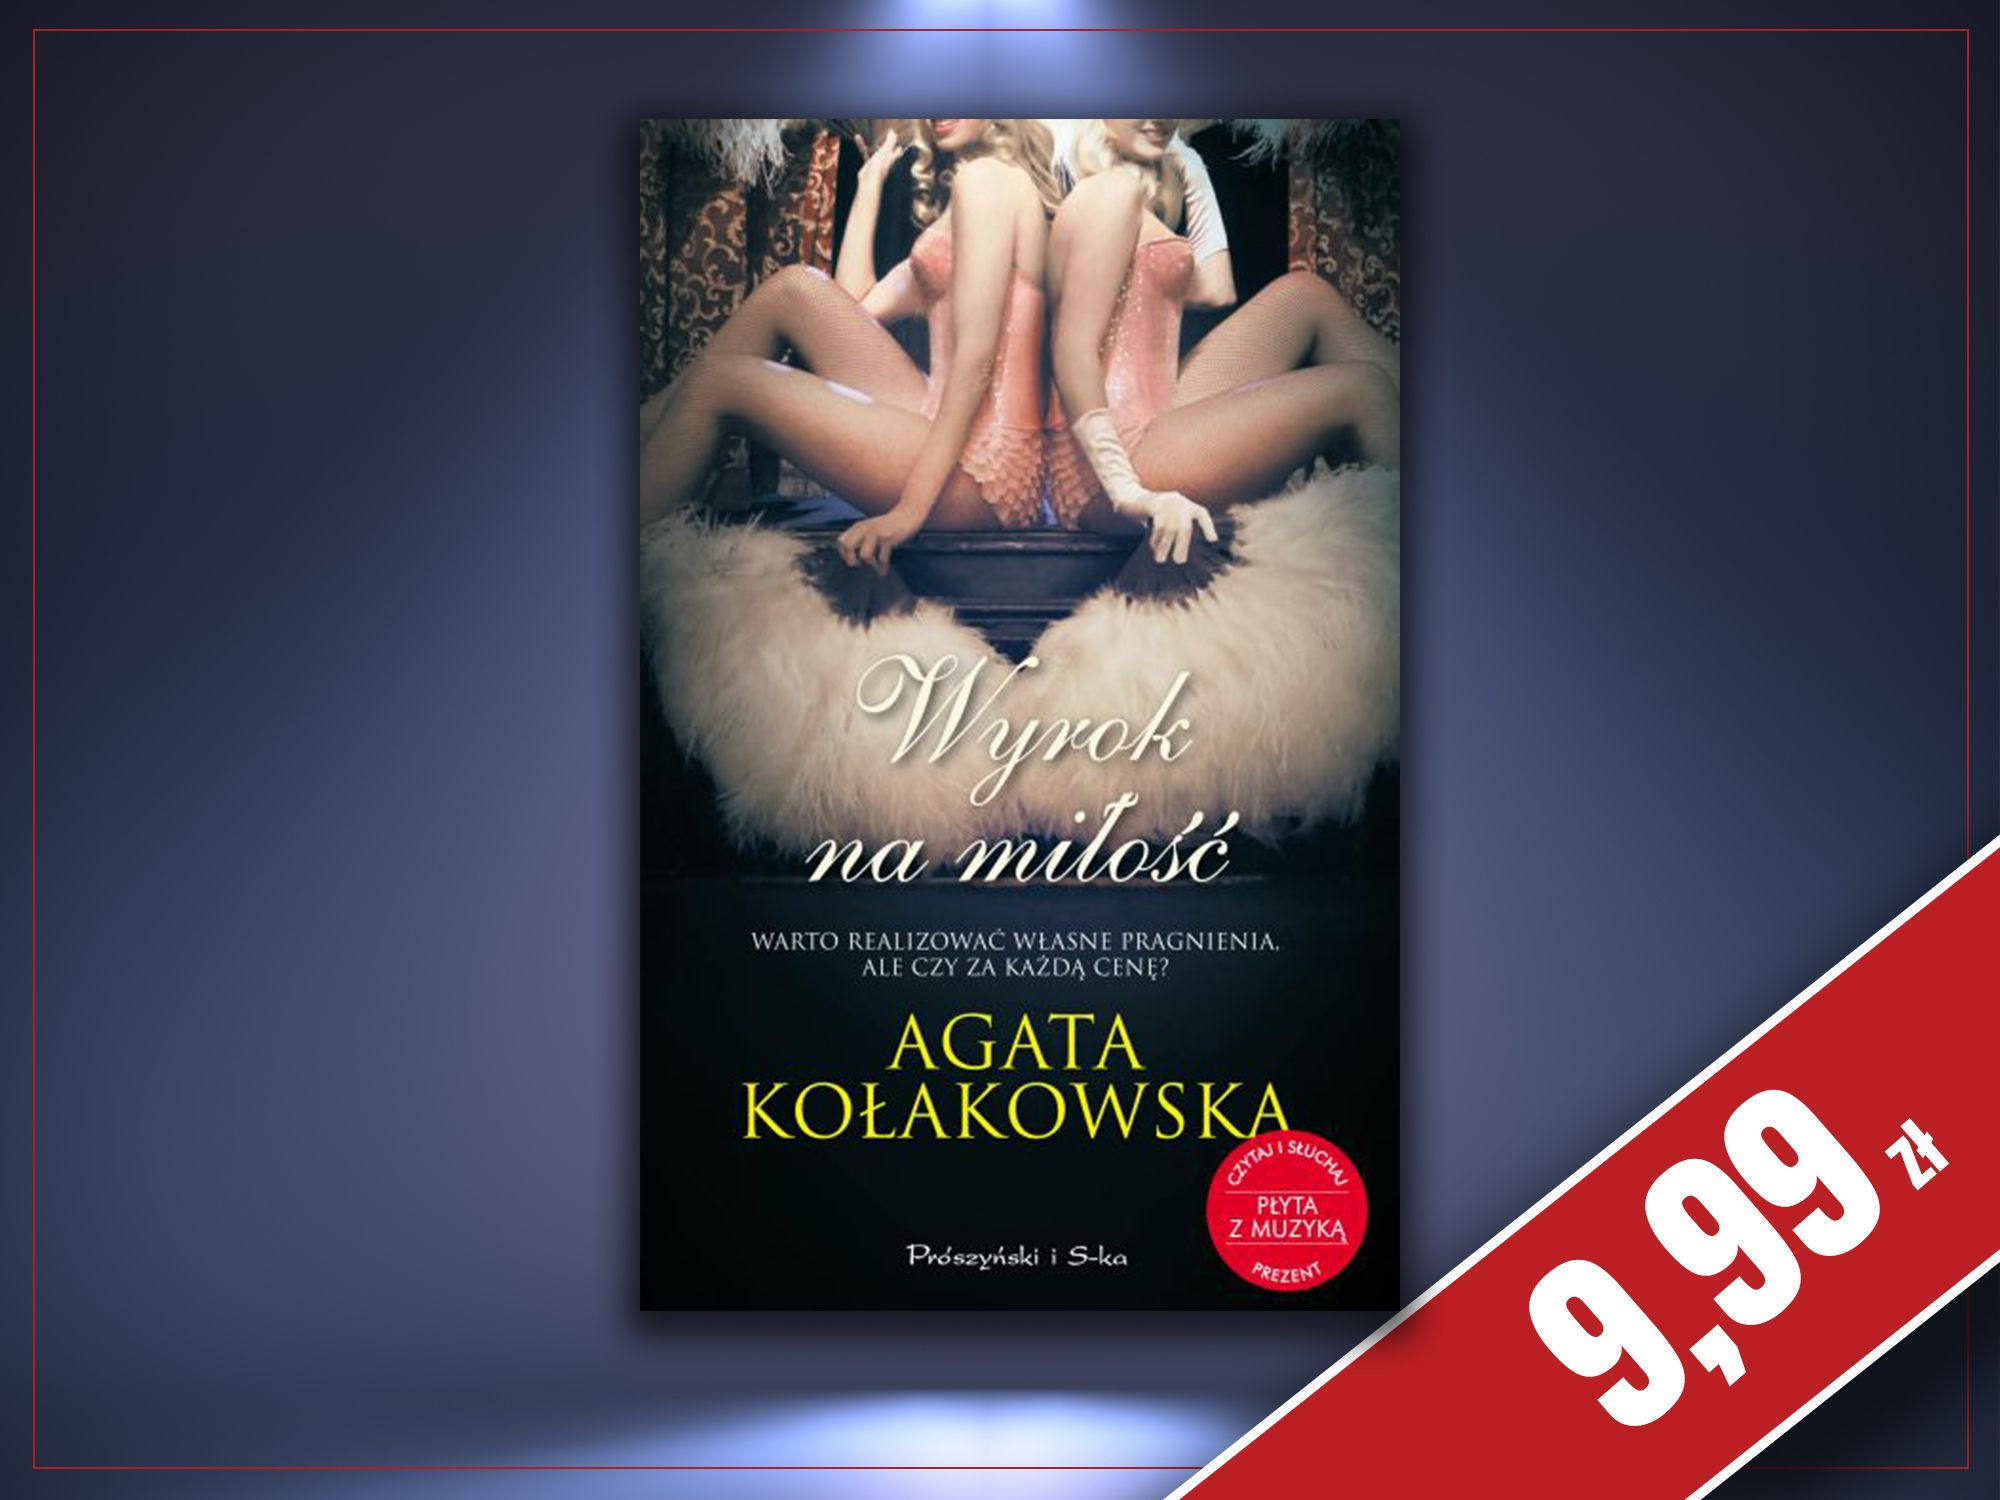 Wyrok na miłość, Agata Kołakowska